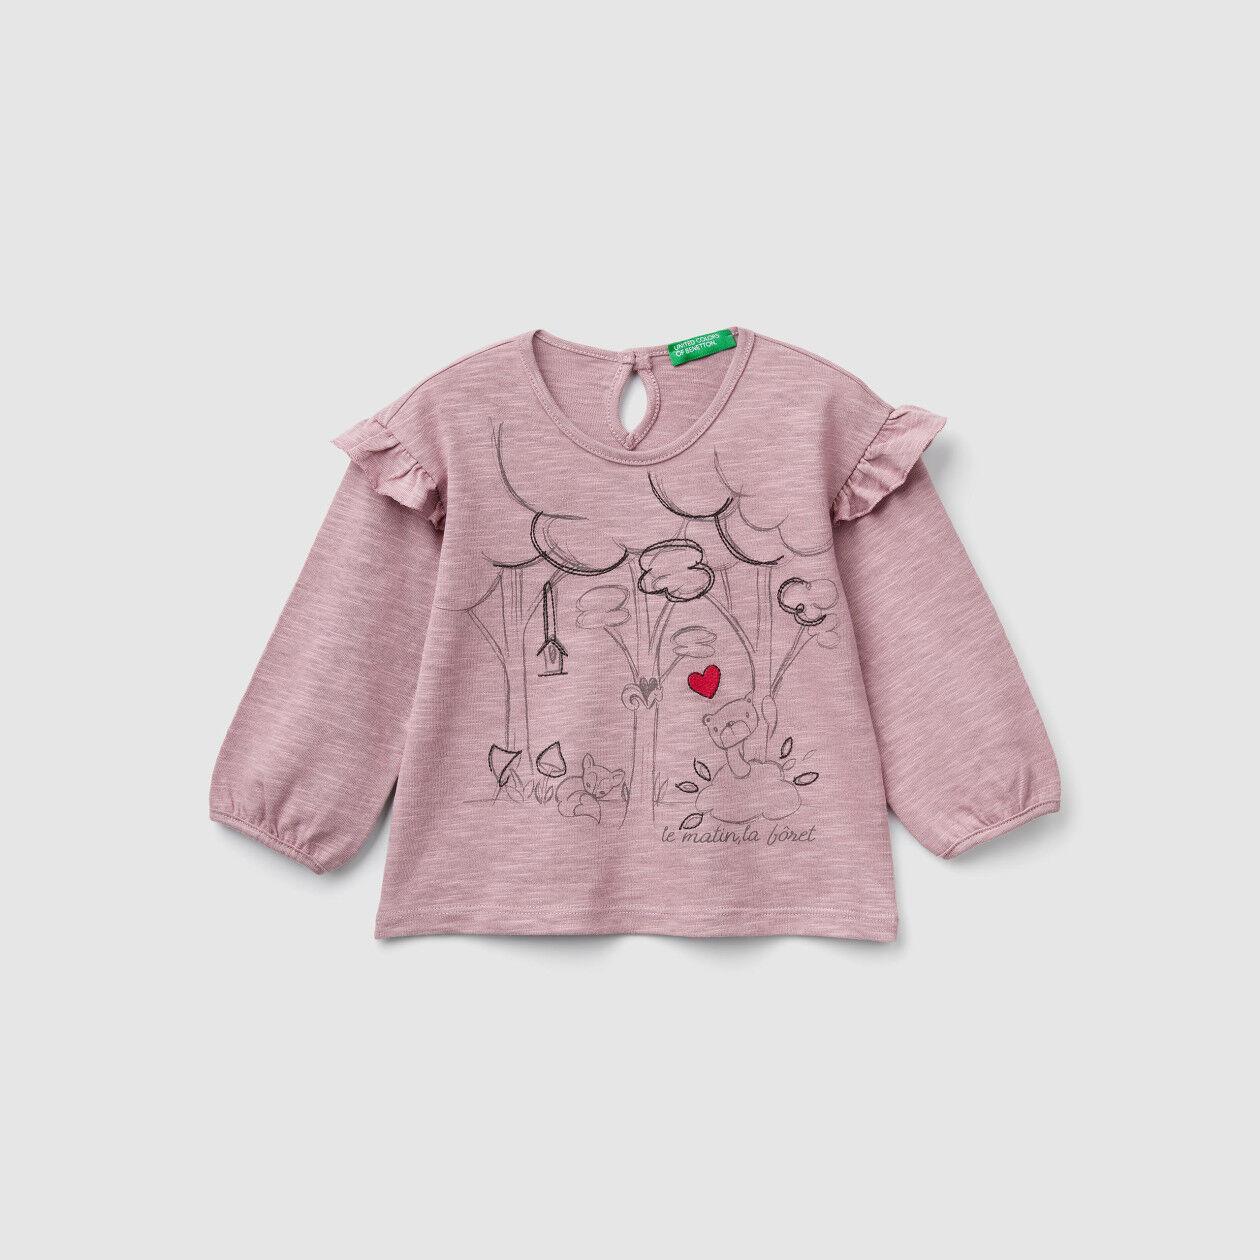 T-shirt com estampa e bordado